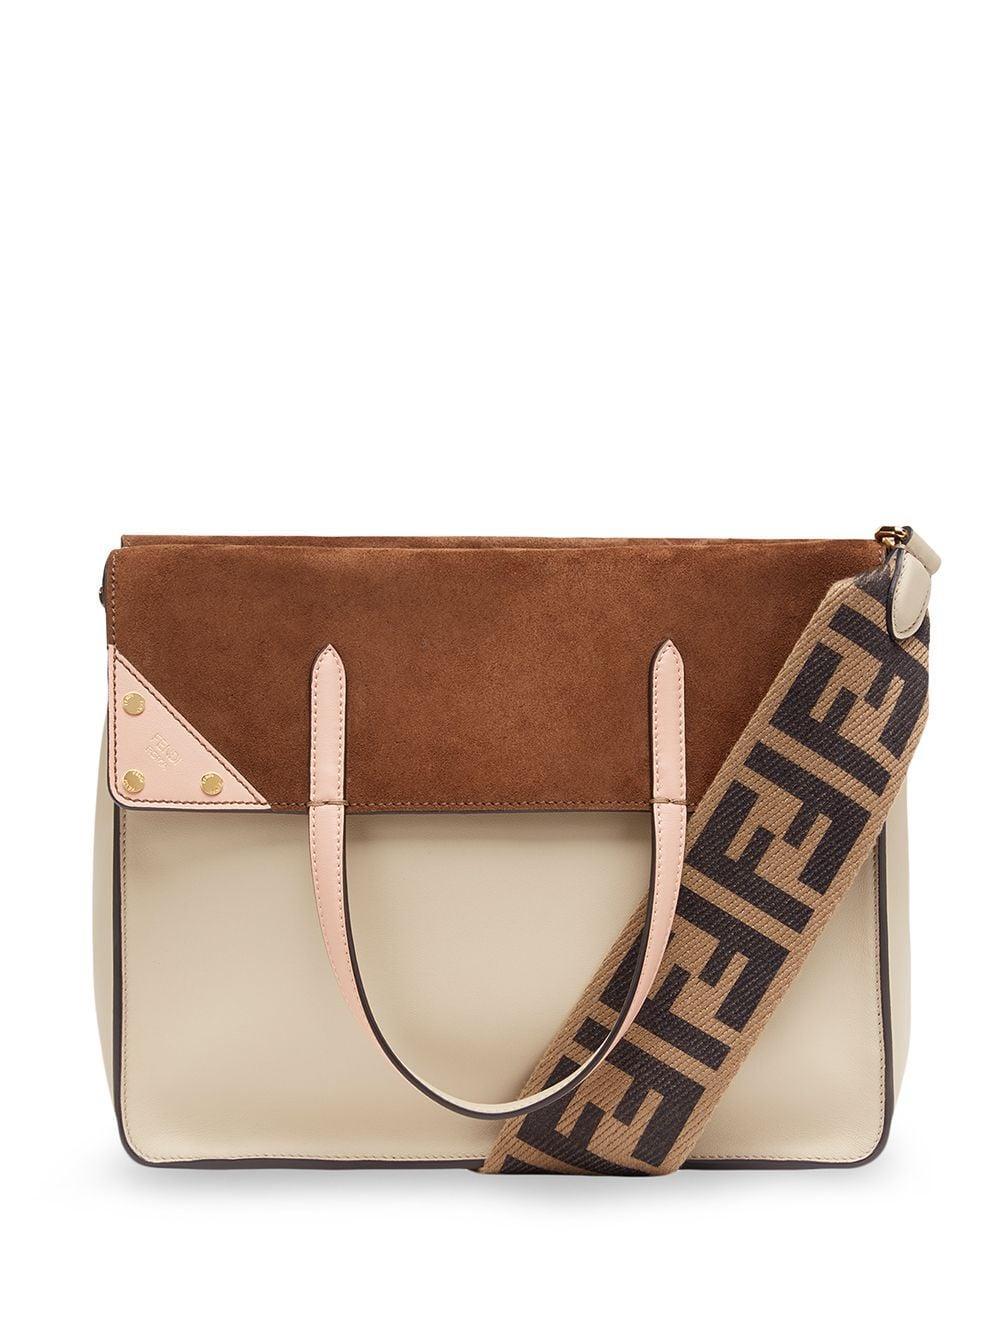 Large Fendi Flip Shoulder Bag With Ff Strap Item # 8BT303-A6CG